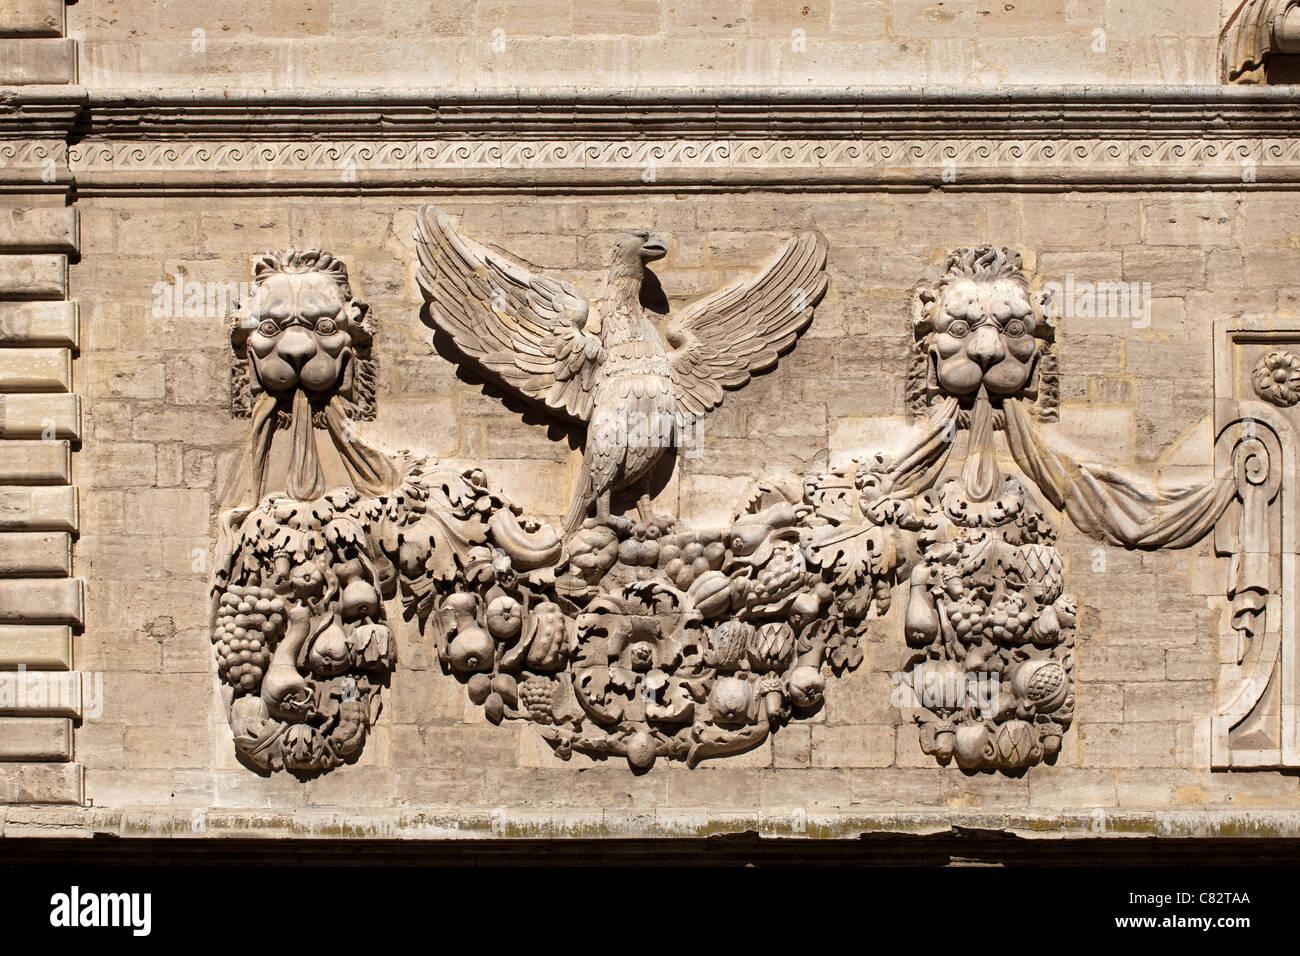 Avignon: Paul V's Coat-of-Arms - Stock Image